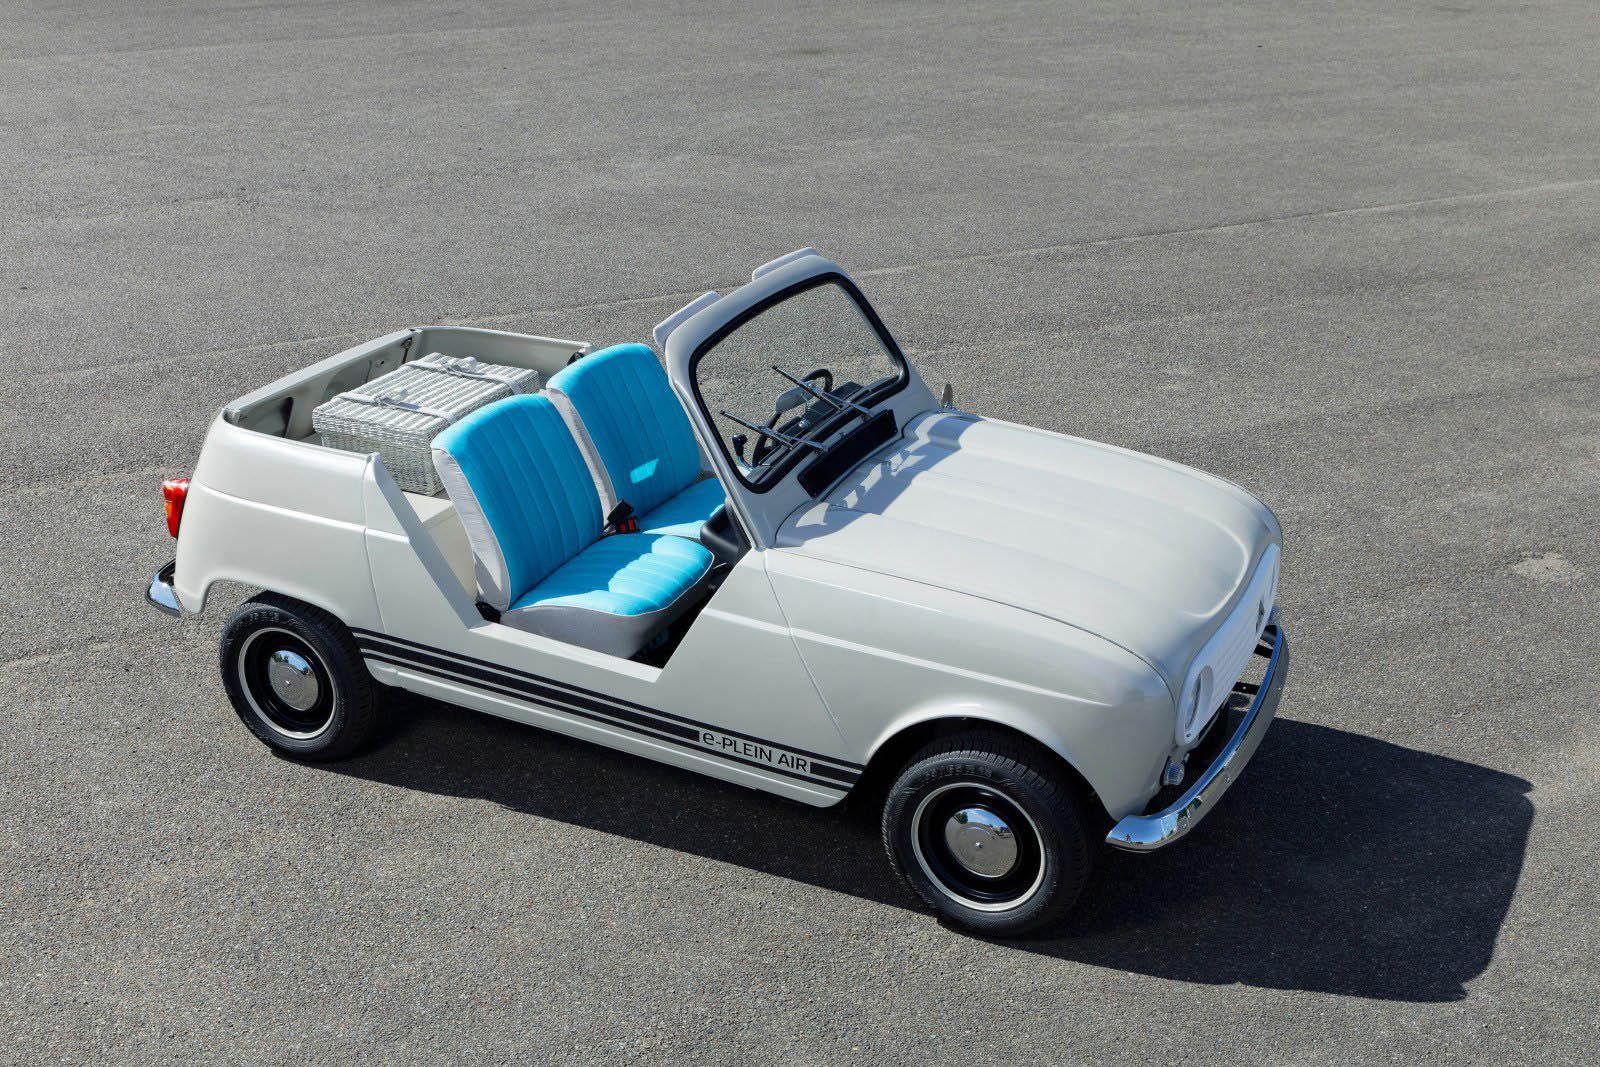 Renault e-Plain Air